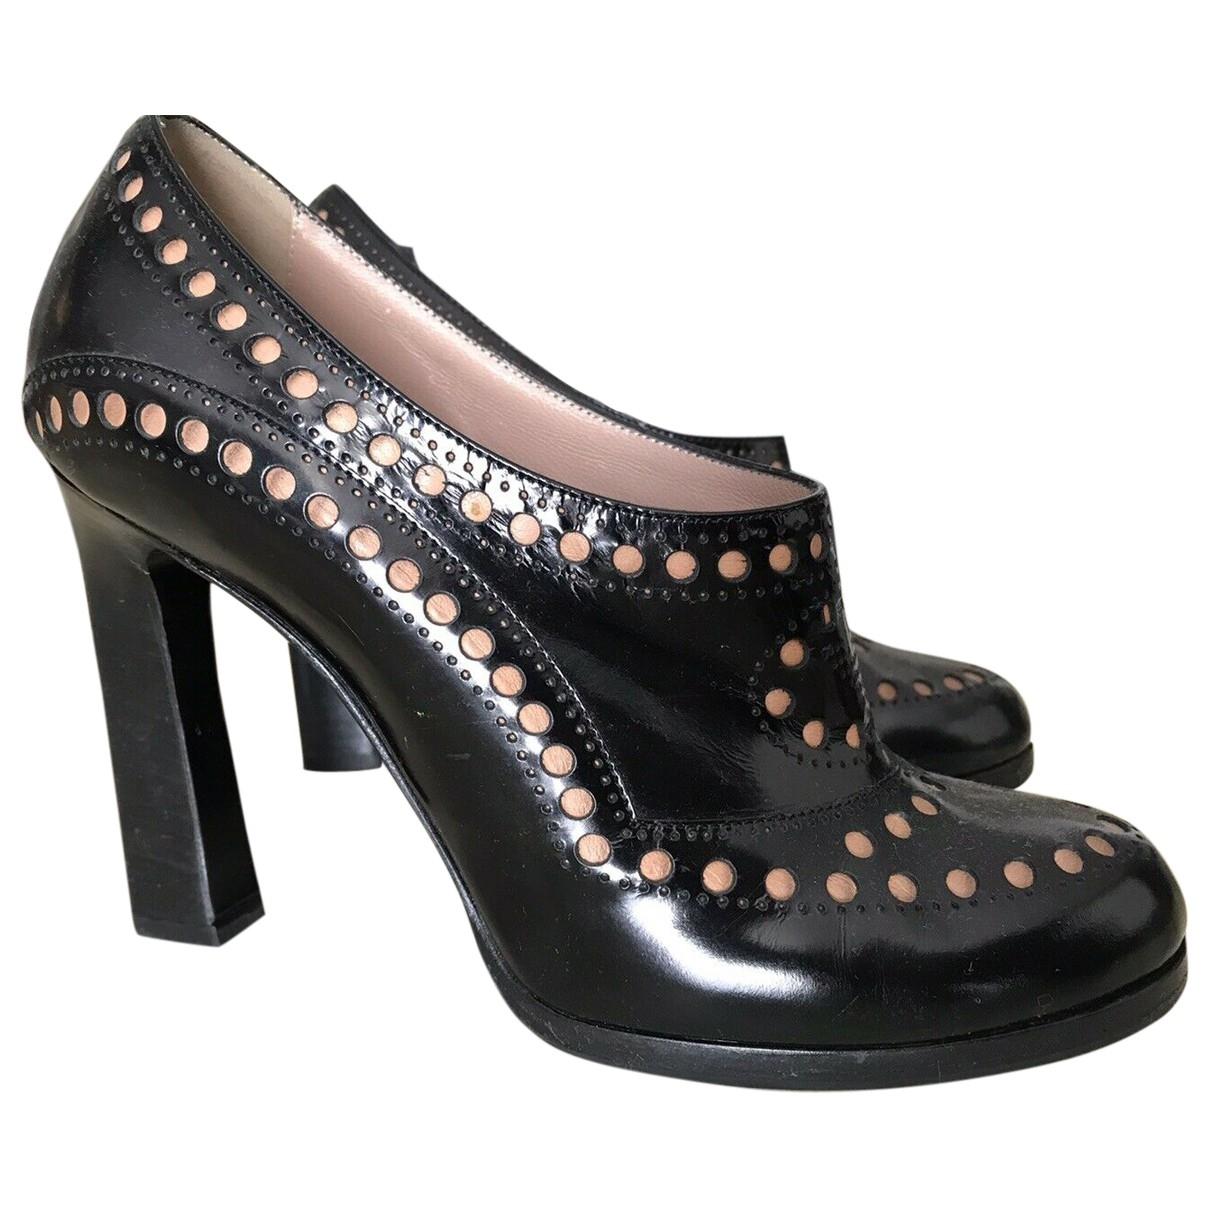 Emporio Armani - Boots   pour femme en cuir verni - noir